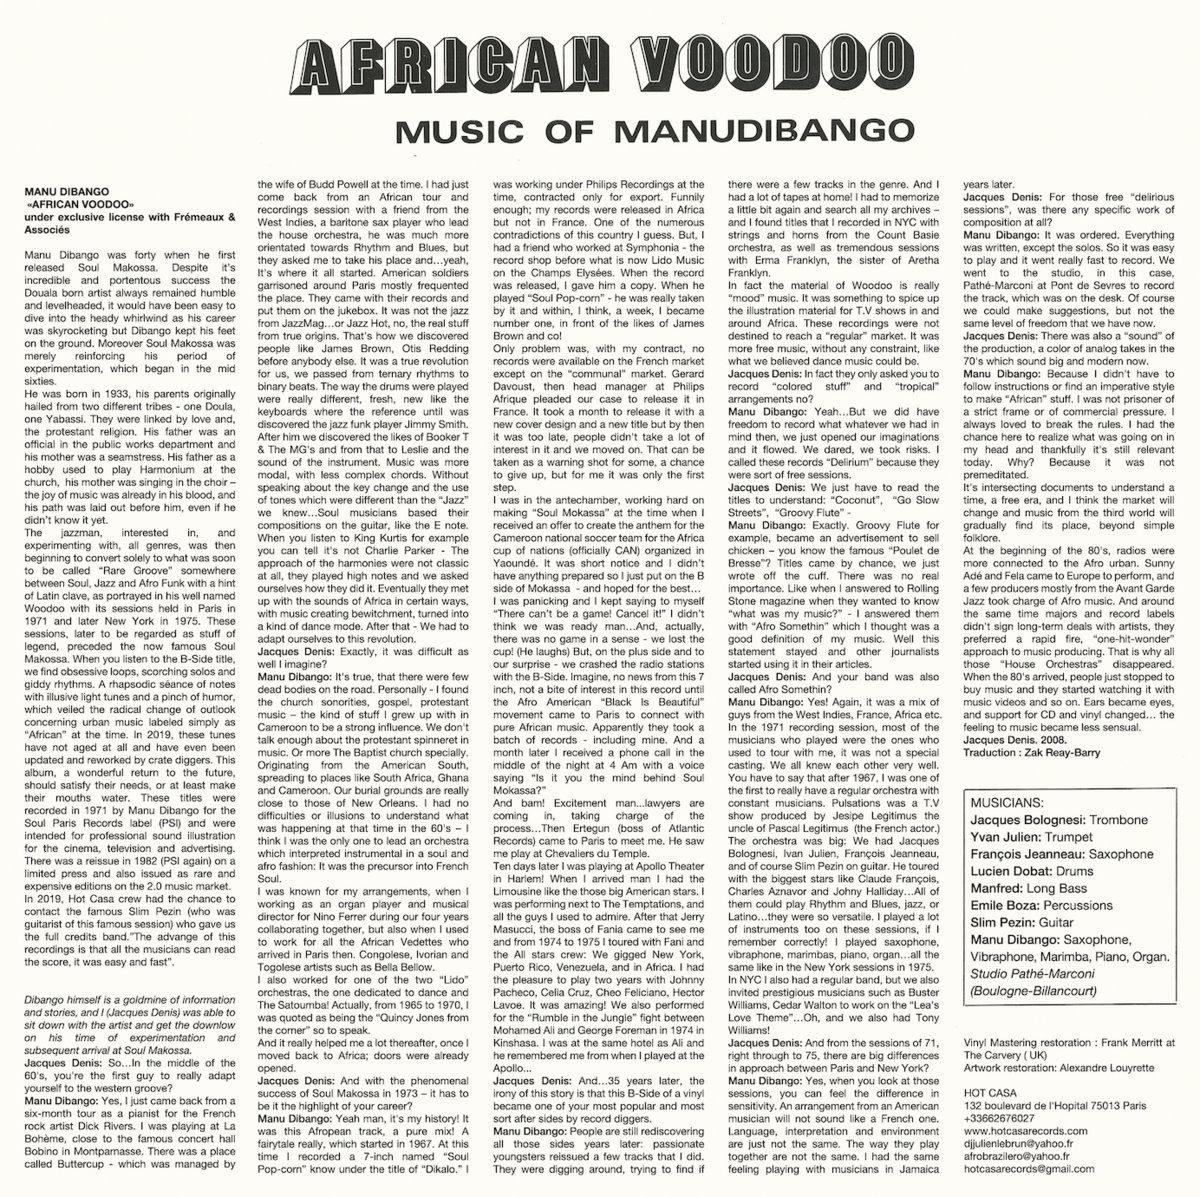 AFRICAN VOODOO   Hot Casa Records